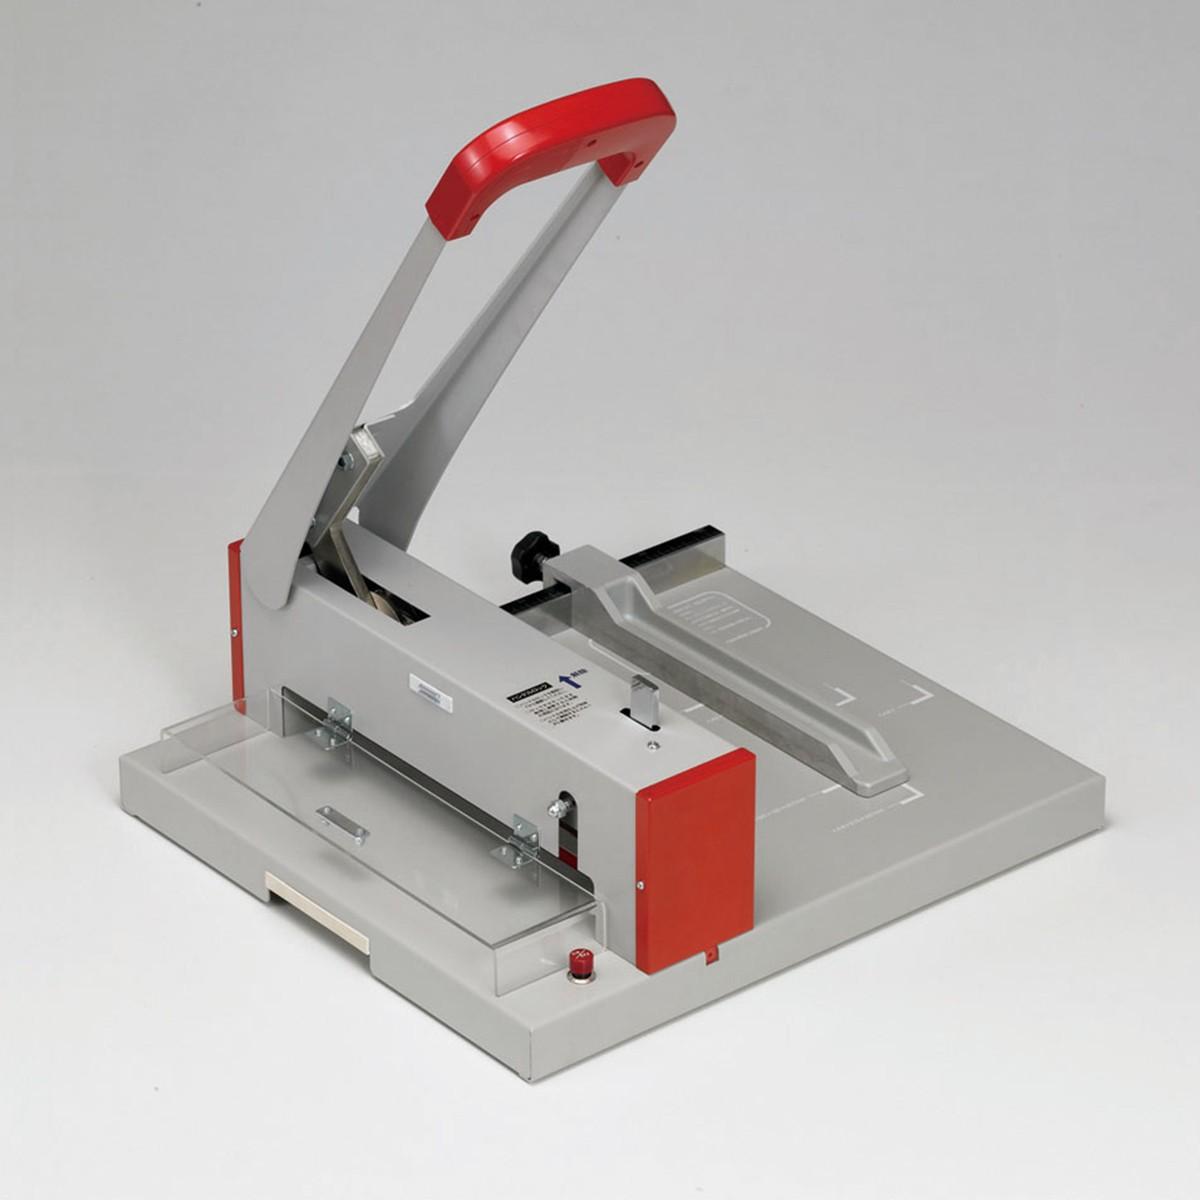 卓上型裁断機 MC-300 【 用紙 裁断 手動 】